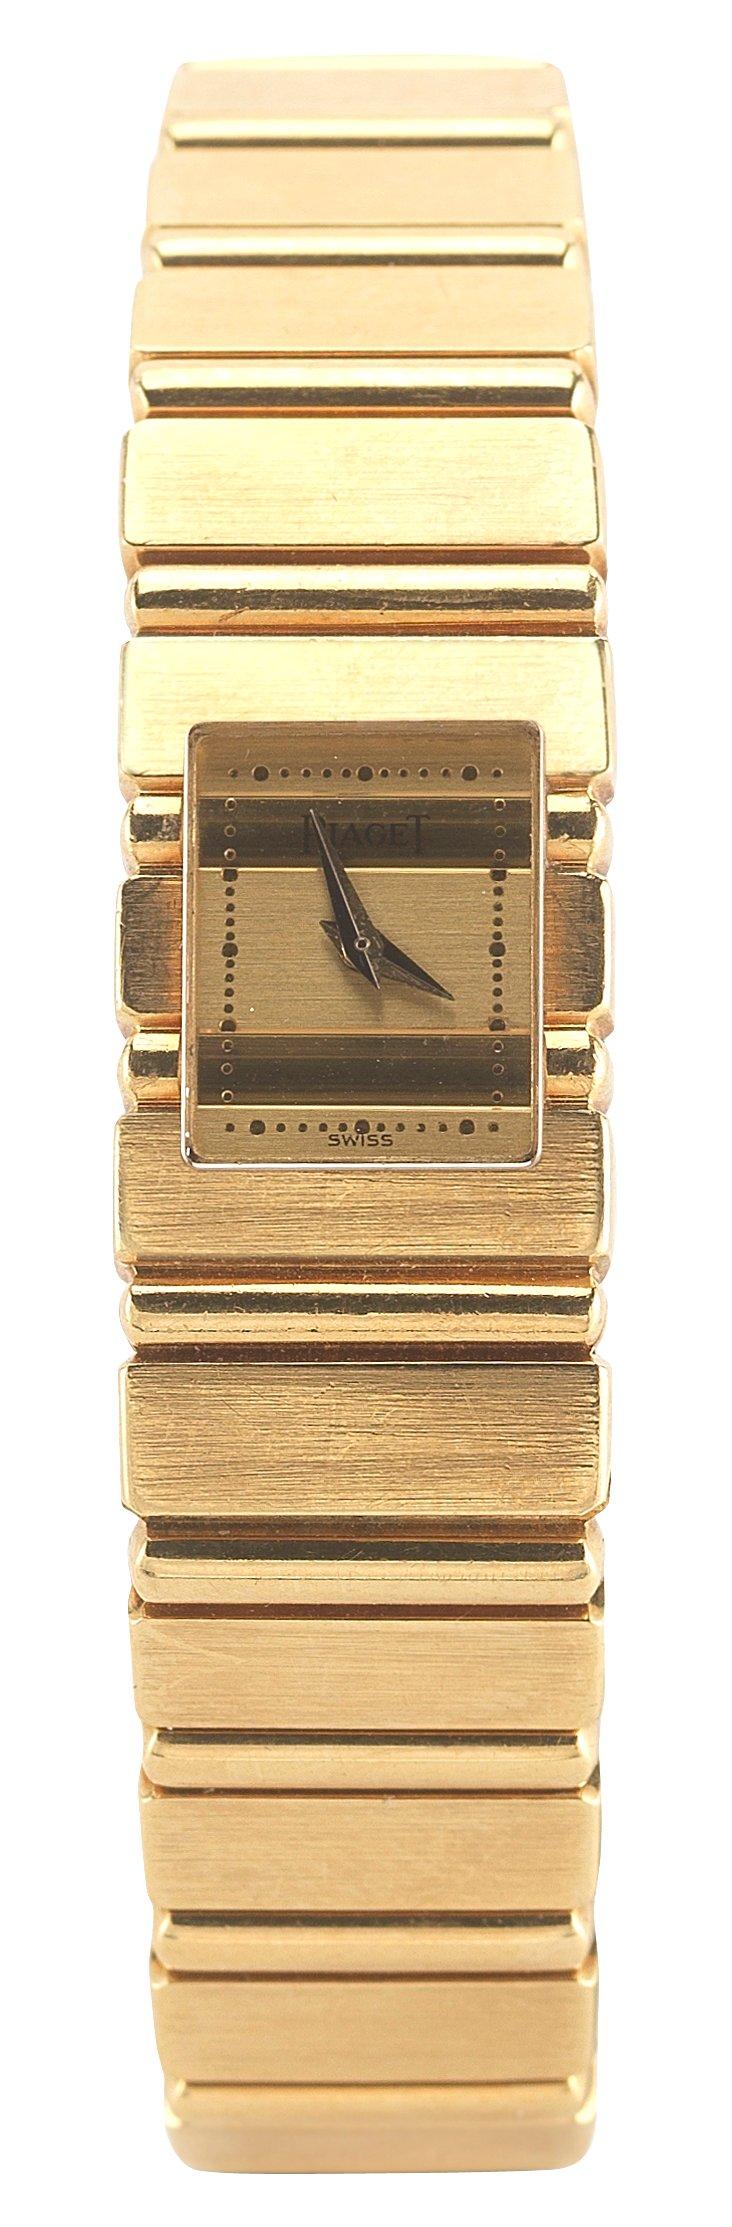 Piaget 18K Gold Ladies Watch